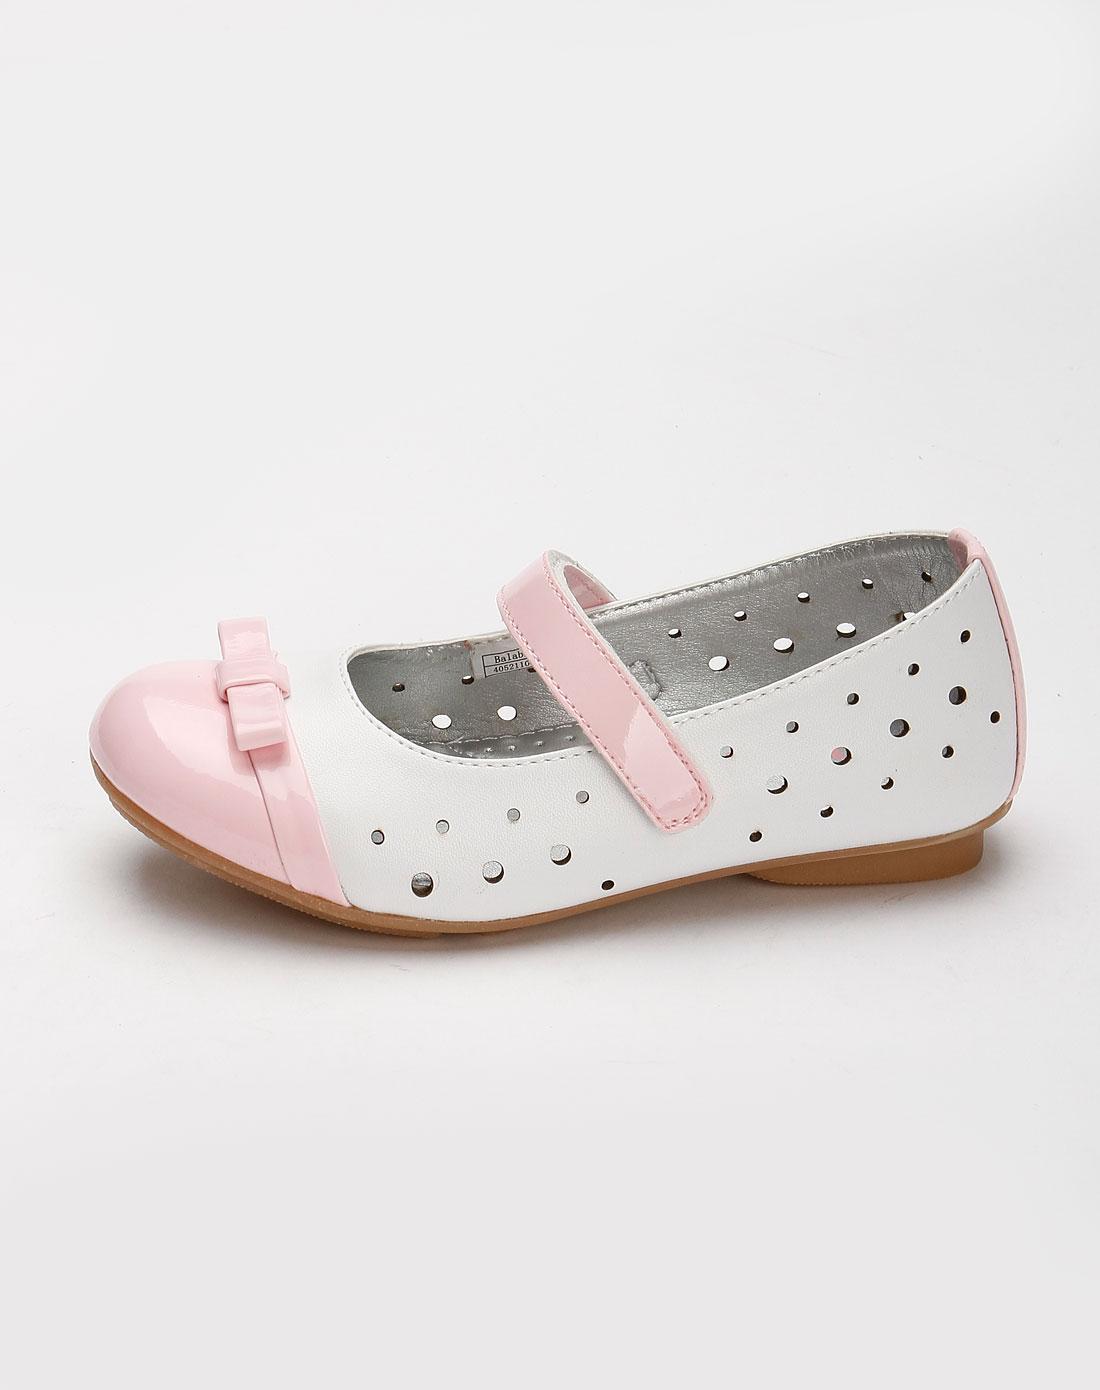 巴拉巴拉balabala男女童混合专场女童粉红/白色可爱皮鞋